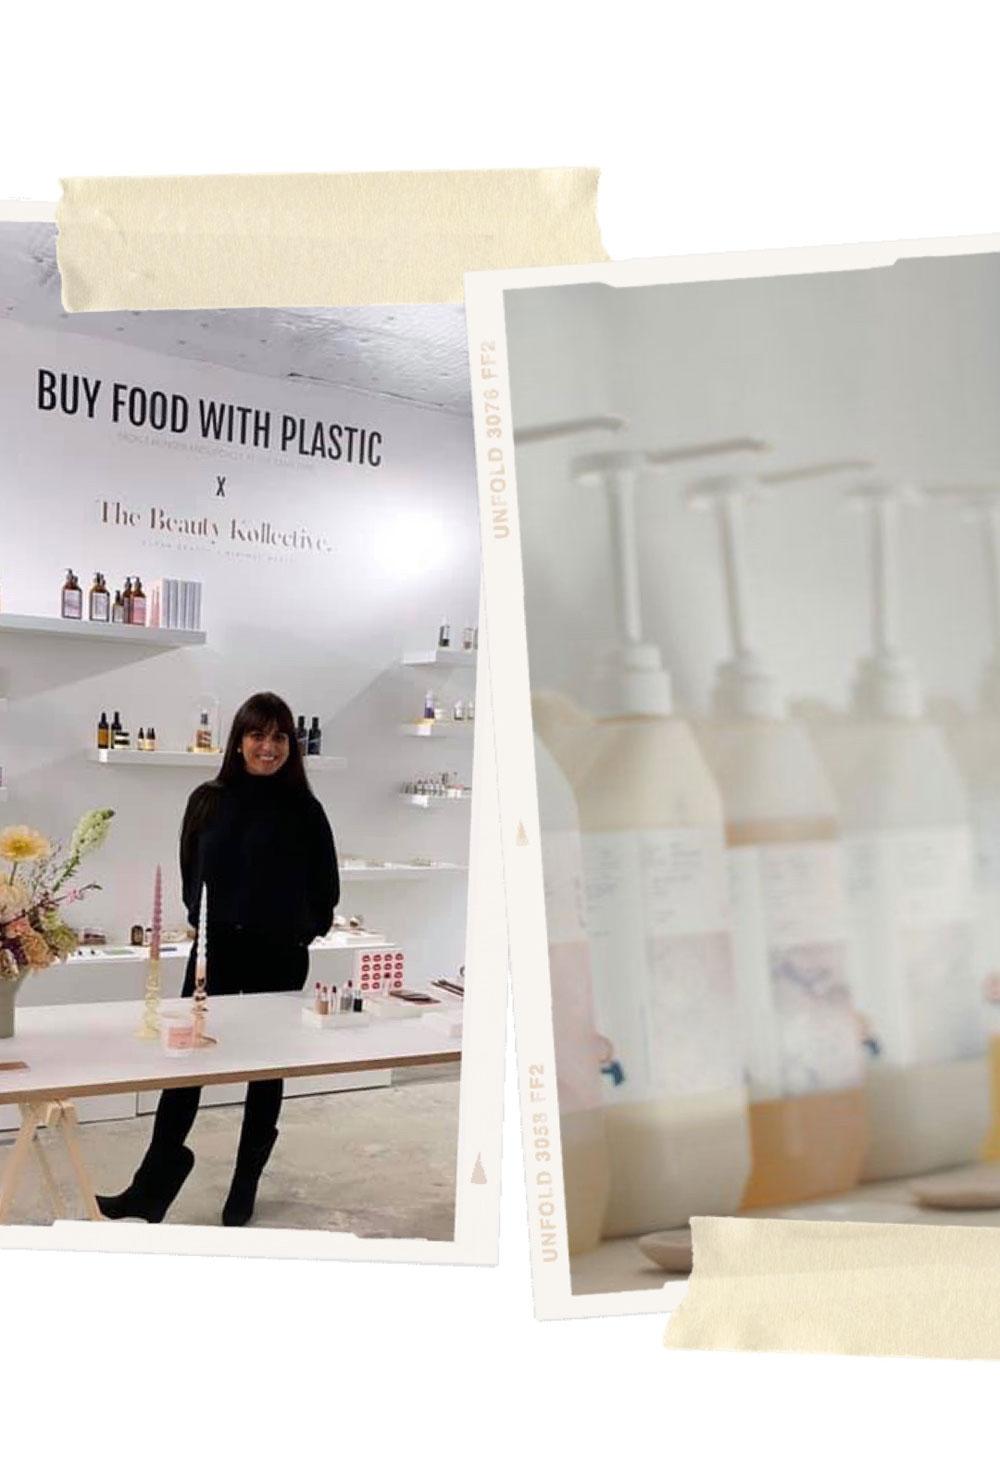 Nachhaltig schön? Das ist möglich – zum Beispiel dank  des neuen Refill-Systems von The Beauty Collective in Zürich.